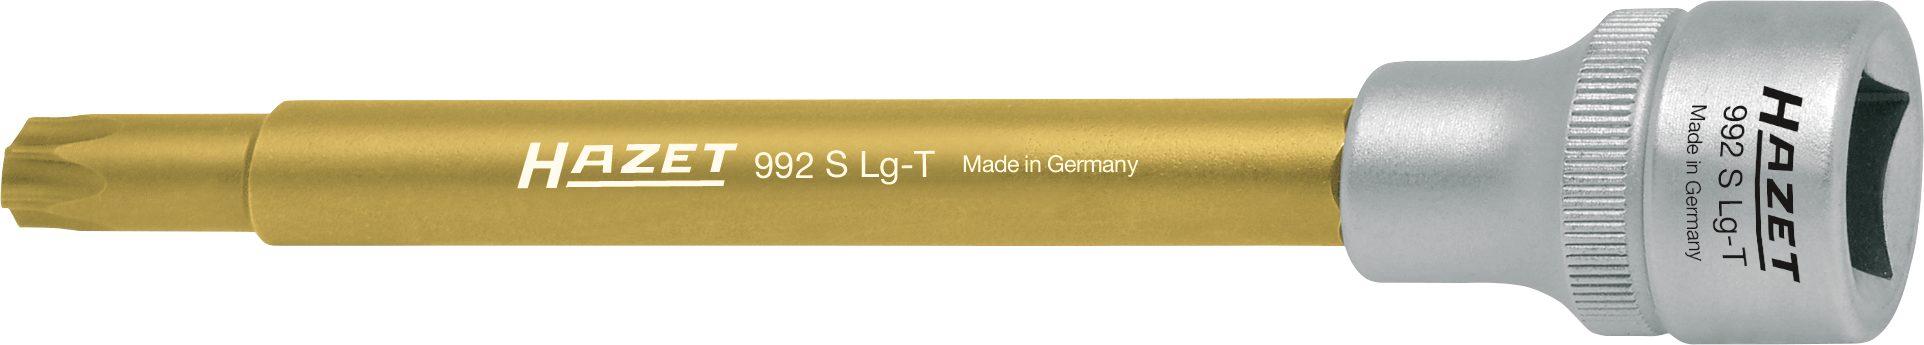 1//2 Zoll Hazet 992-T40 Torx Schraubendreher-Einsatz Innen Torx Innenvierkant 12,5 mm s: T40